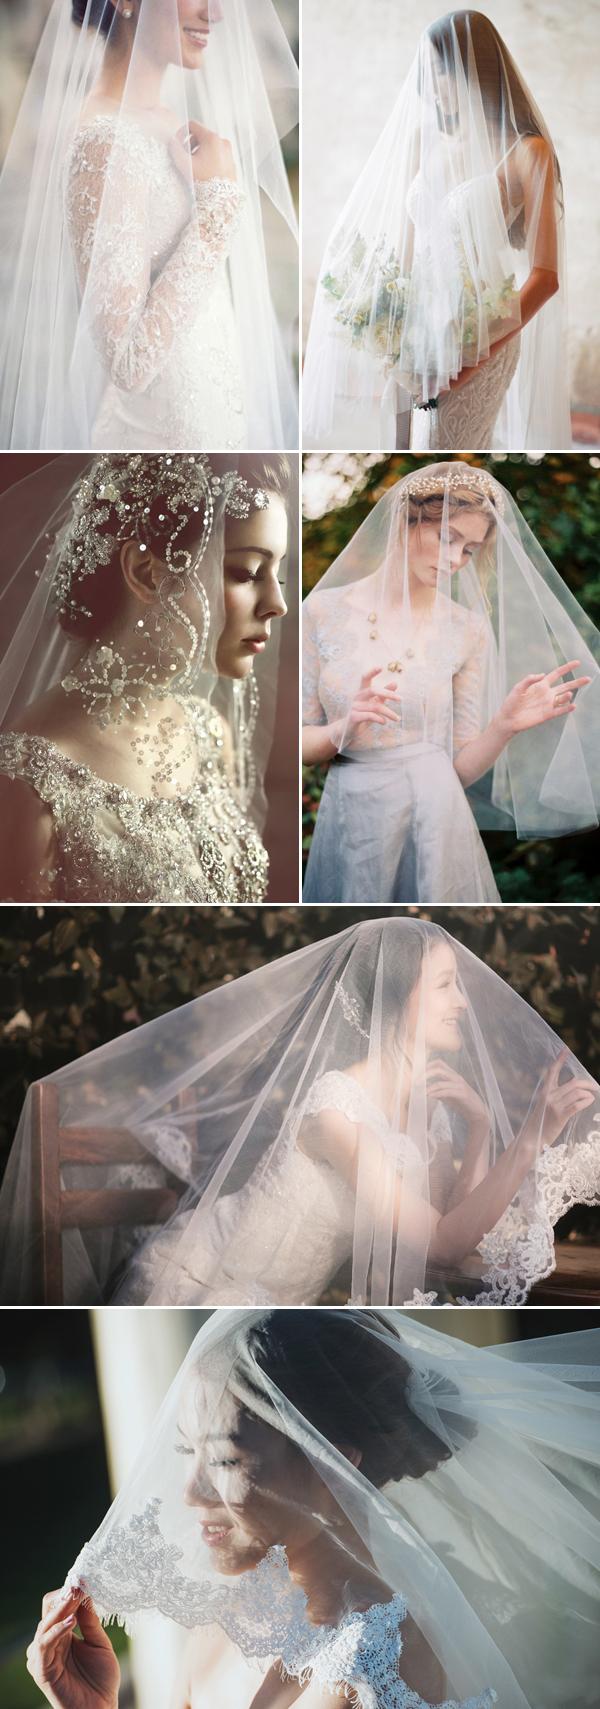 veil04-closeup